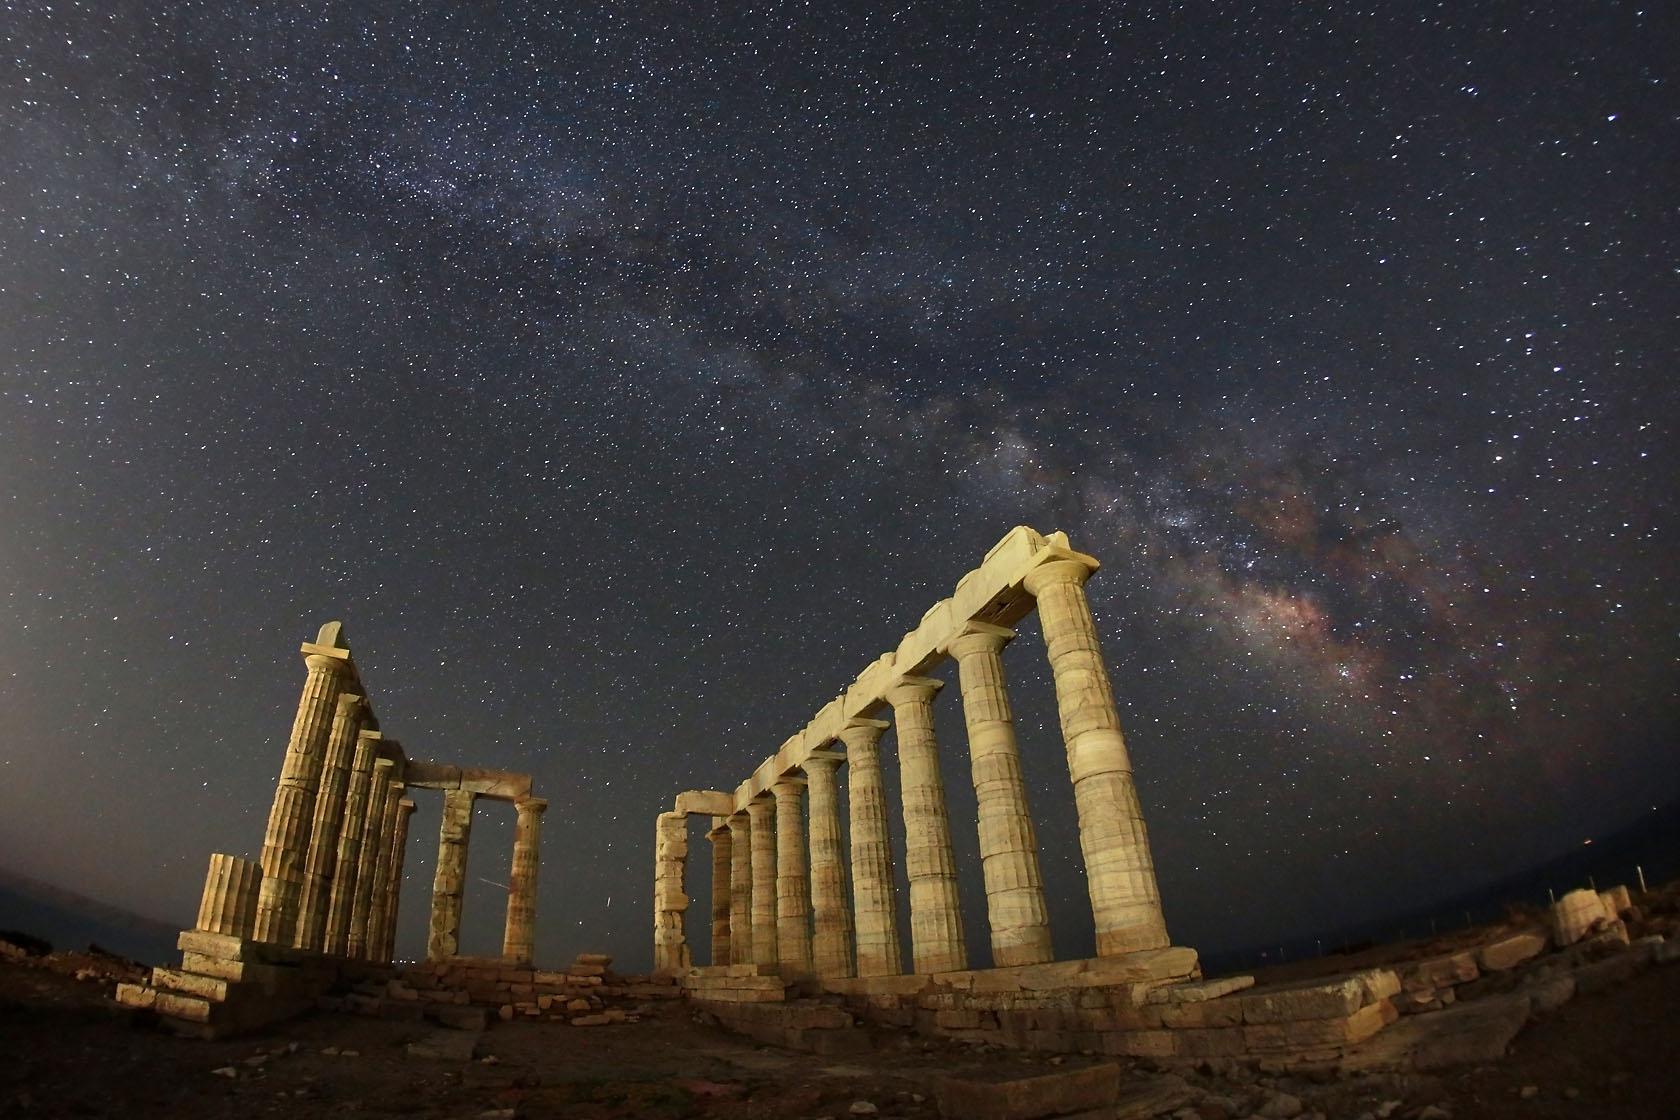 Στον Ναό του Ποσειδώνα, στο Σούνιο, η νύχτα δεν είναι πια τόσο σκοτεινή, καθώς η ατμοσφαιρική φωταγώγηση που προέρχεται από τον παρακείμενο πληθυσμό των 5 εκατομμυρίων κρατά το σκοτάδι μακριά.